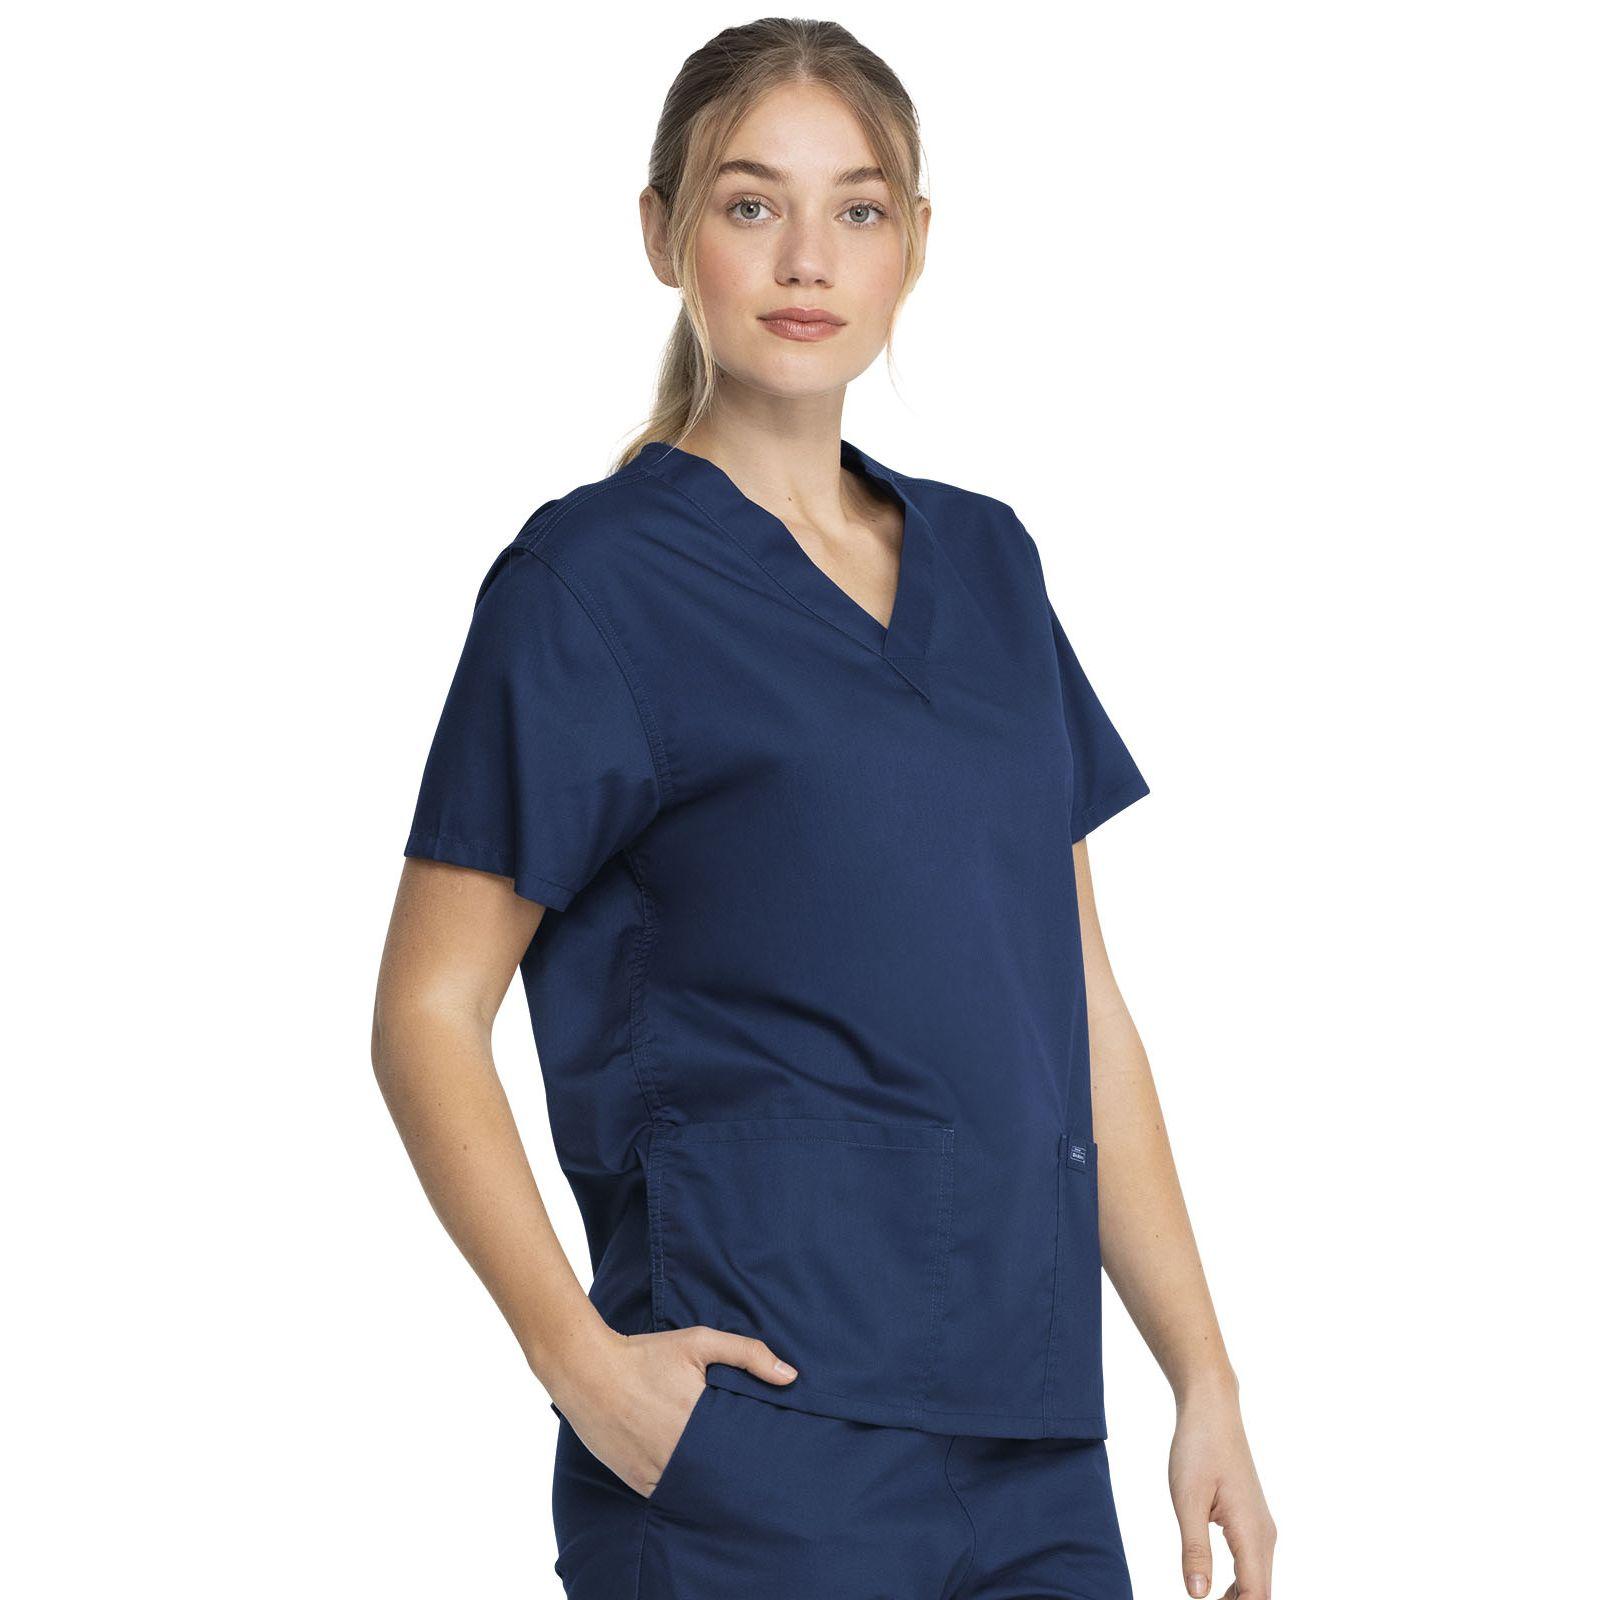 """Blouse médicale 2 poches Femme, Dickies, Collection """"Genuine"""" (GD640), couleur bleu marine vue droit"""